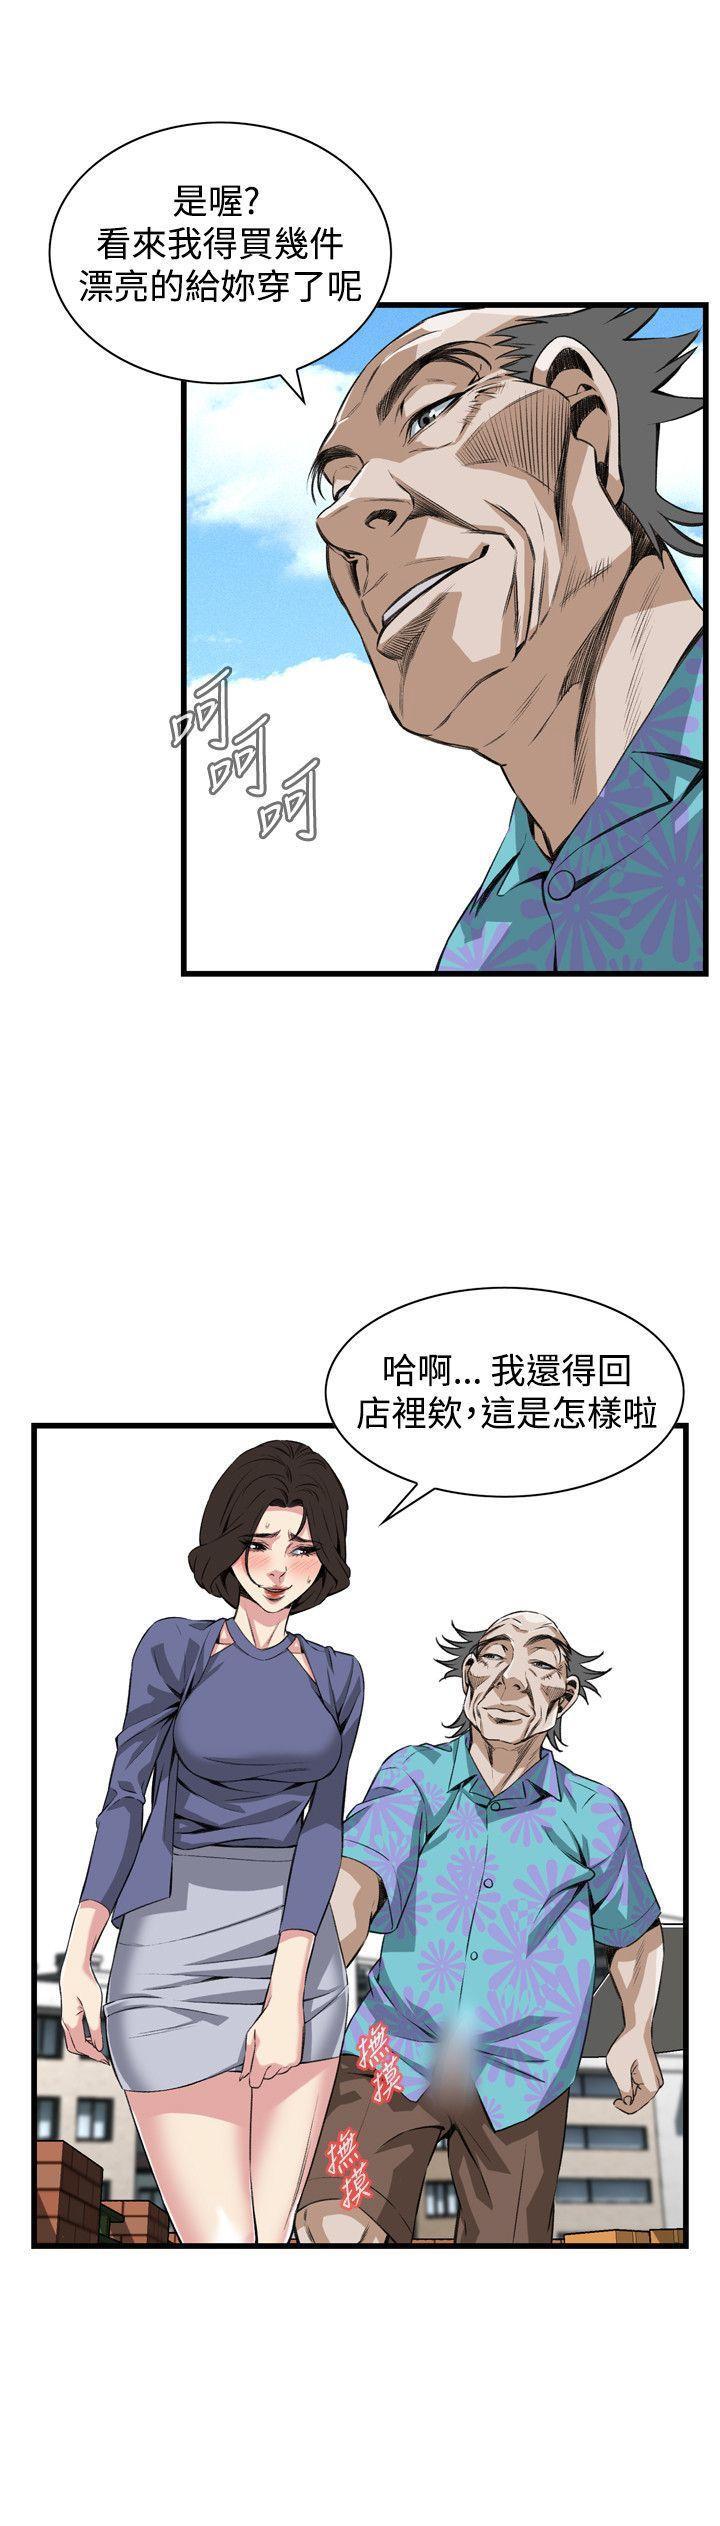 偷窥72-93 Chinese Rsiky 169